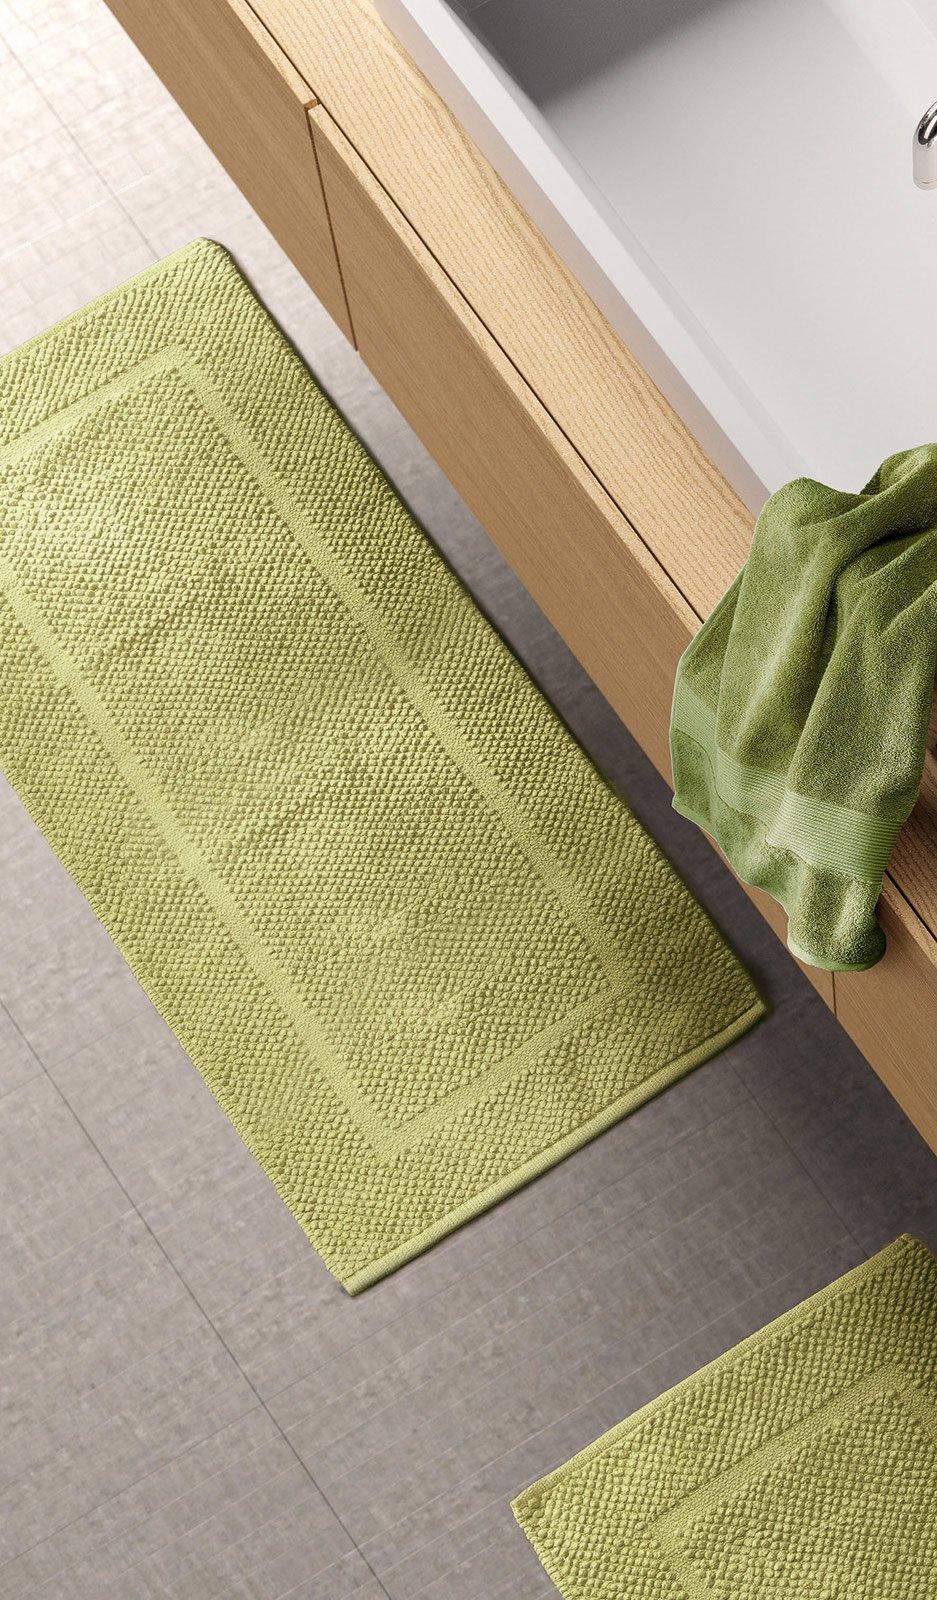 Tappeti per il bagno cose di casa - Il tappeto del corridoio ...